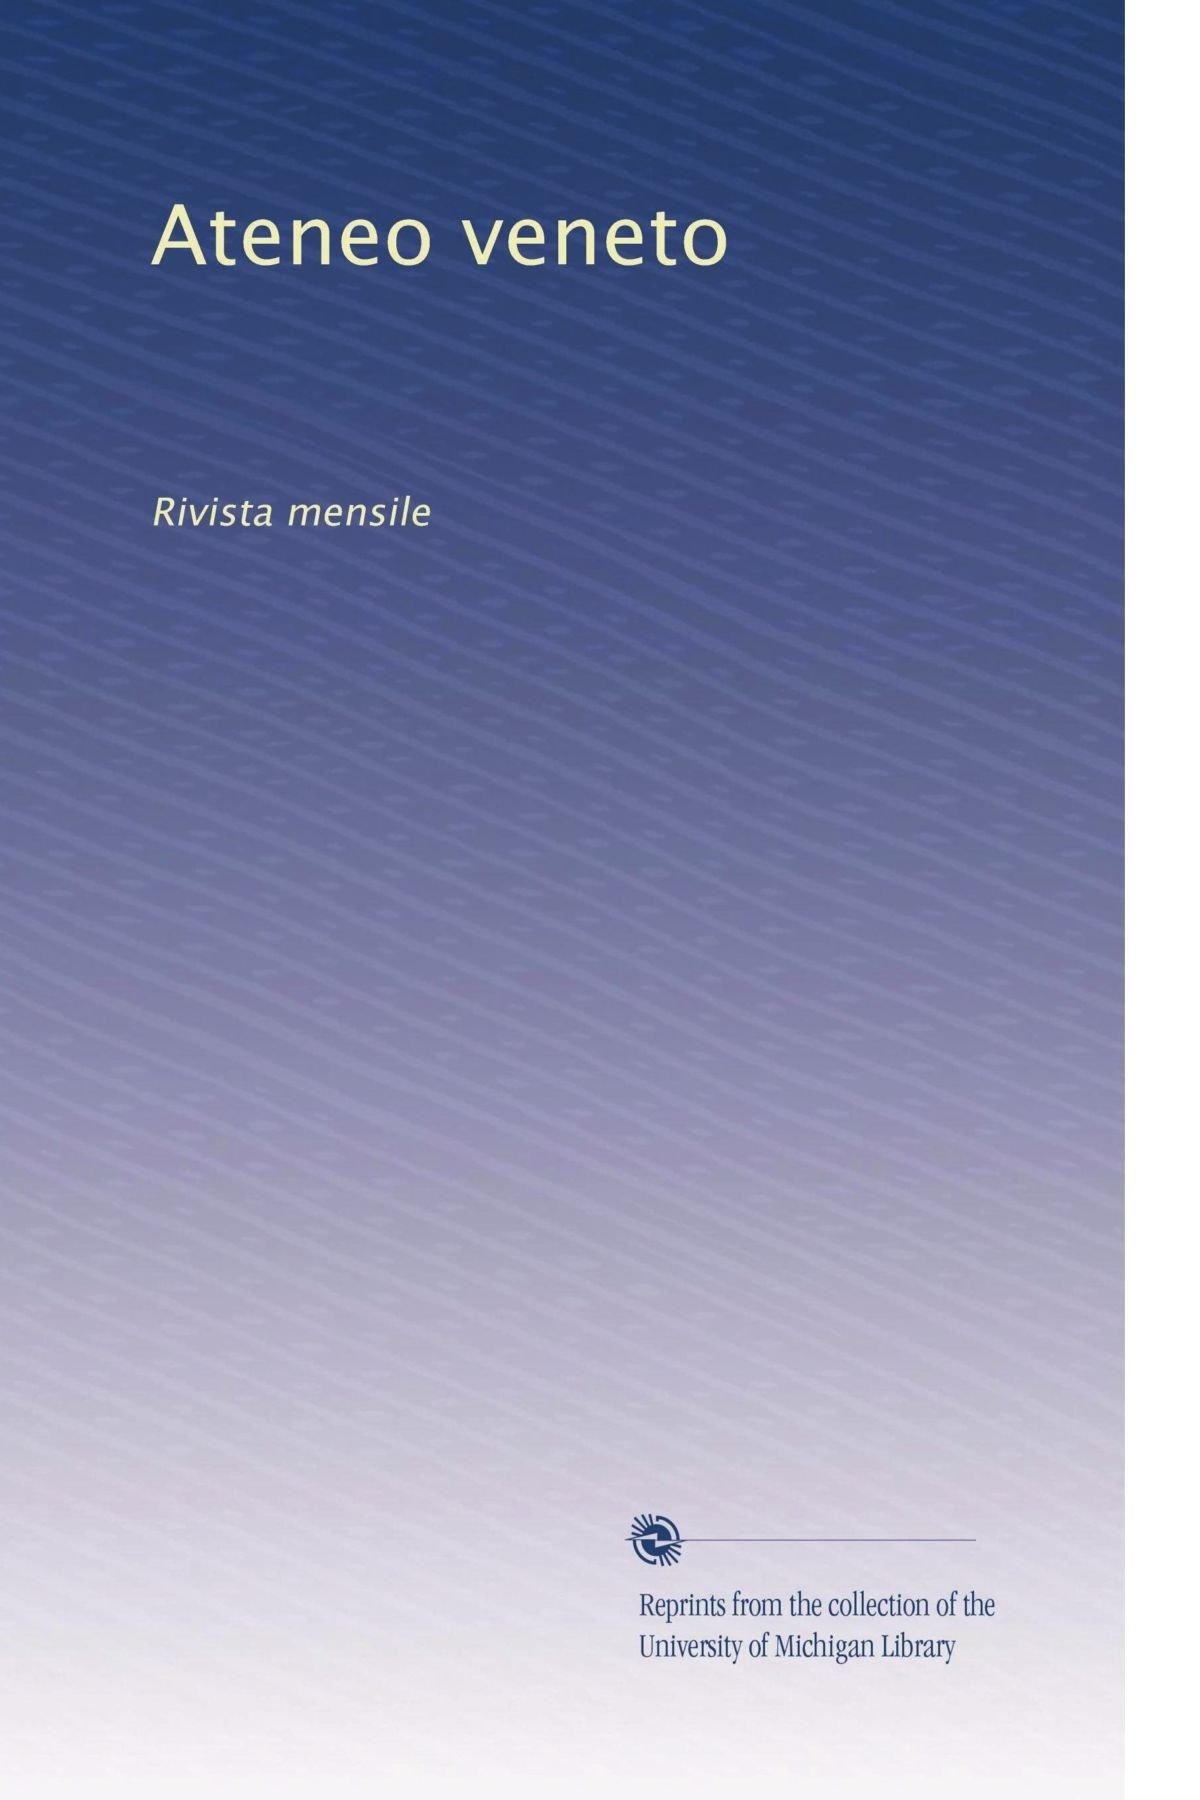 Download Ateneo veneto: Rivista mensile (Volume 30) (Italian Edition) PDF